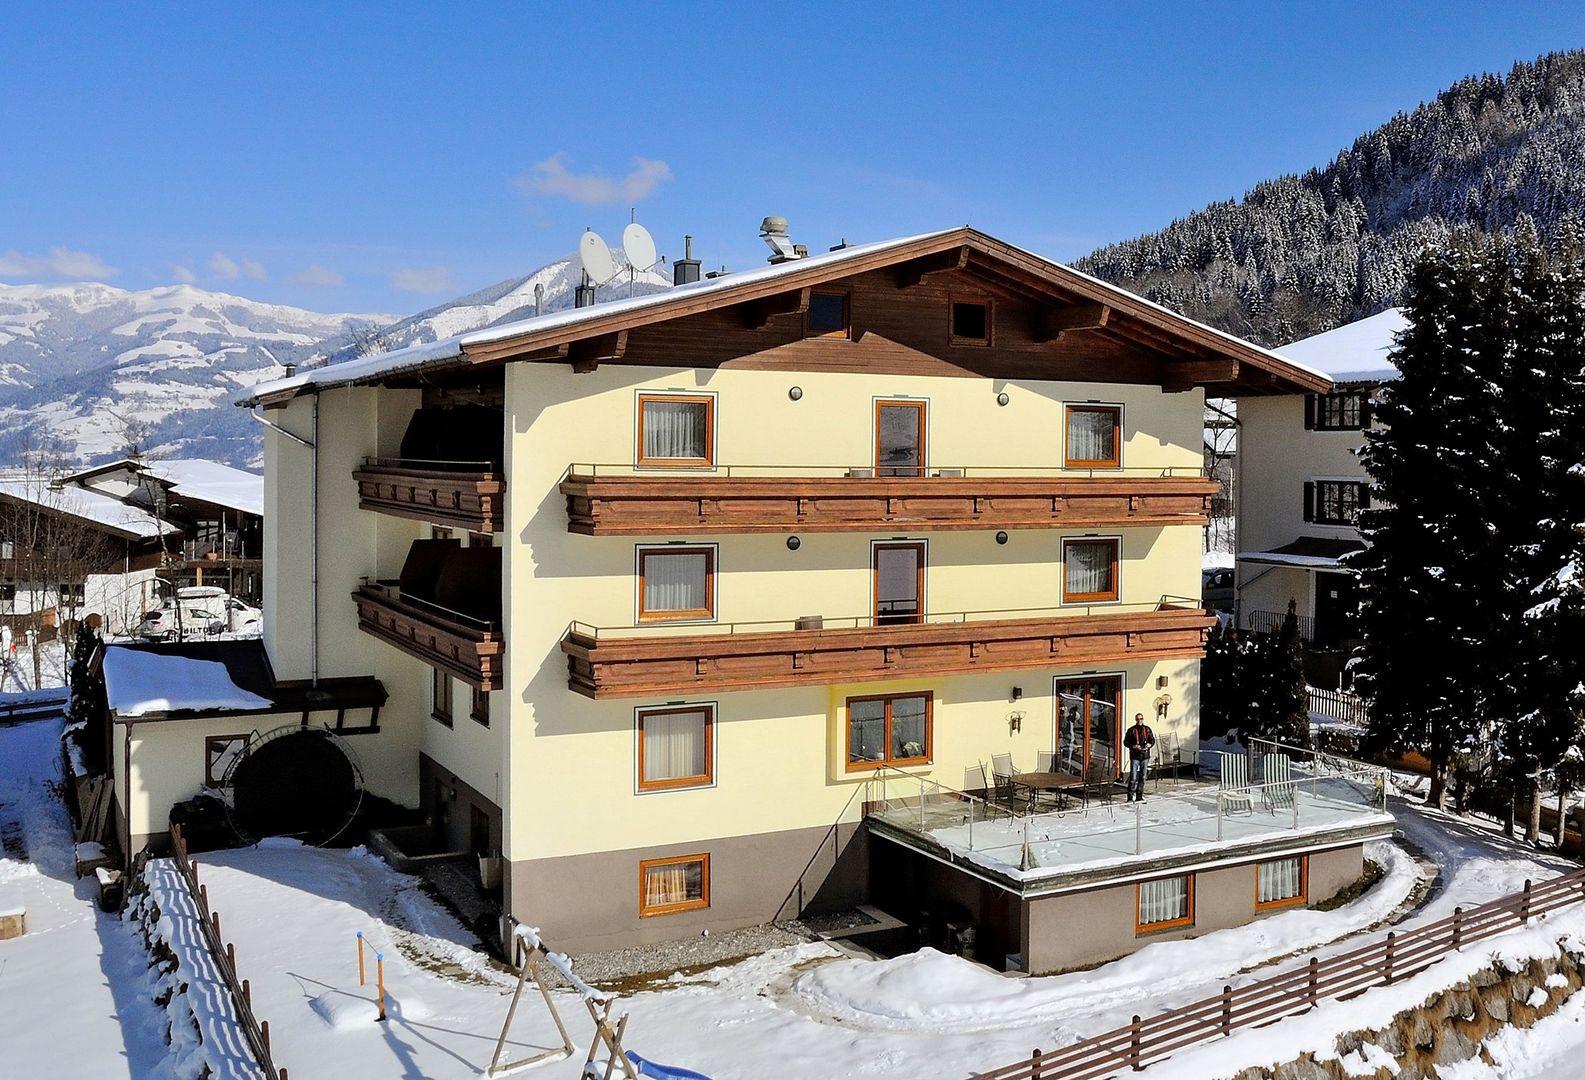 Slide1 - Hotel Panorama